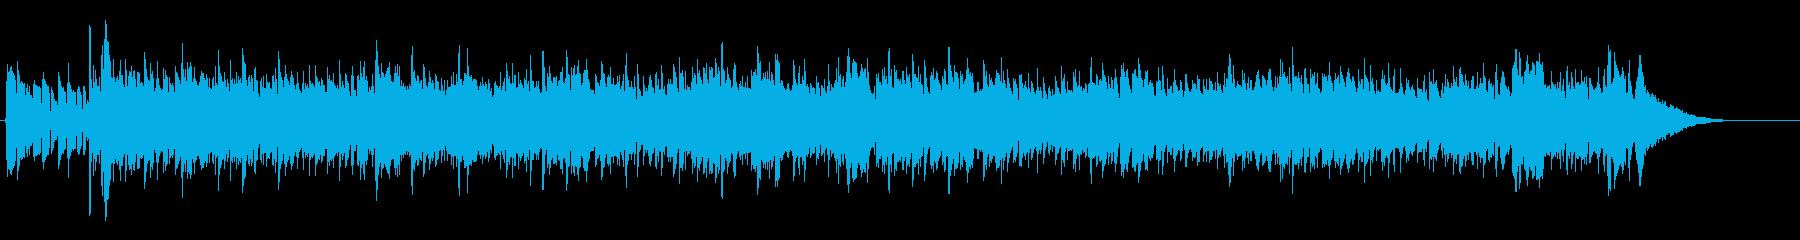 カントリーなアコギ 喧嘩カジノ酒場の再生済みの波形